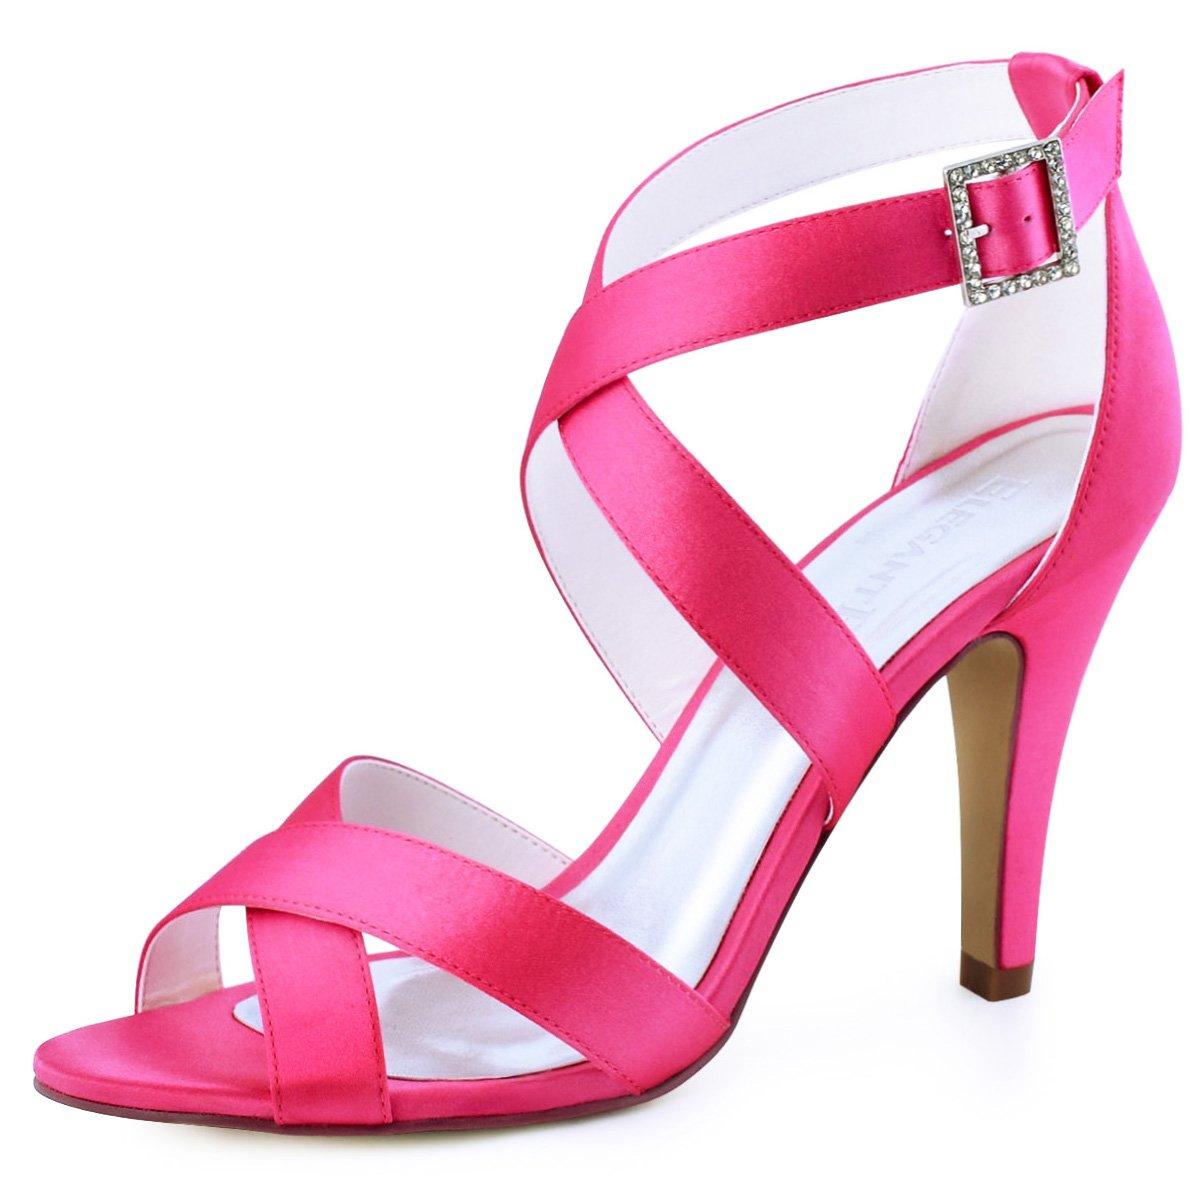 Elegantpark HP1705 Femmes Peep Toe à Sandales Satin à Lanières à Pink Talons Hauts Stiletto Boucle Satin Chaussures de Mariée de Mariage Hot Pink 9dd6a6a - automatisms.space